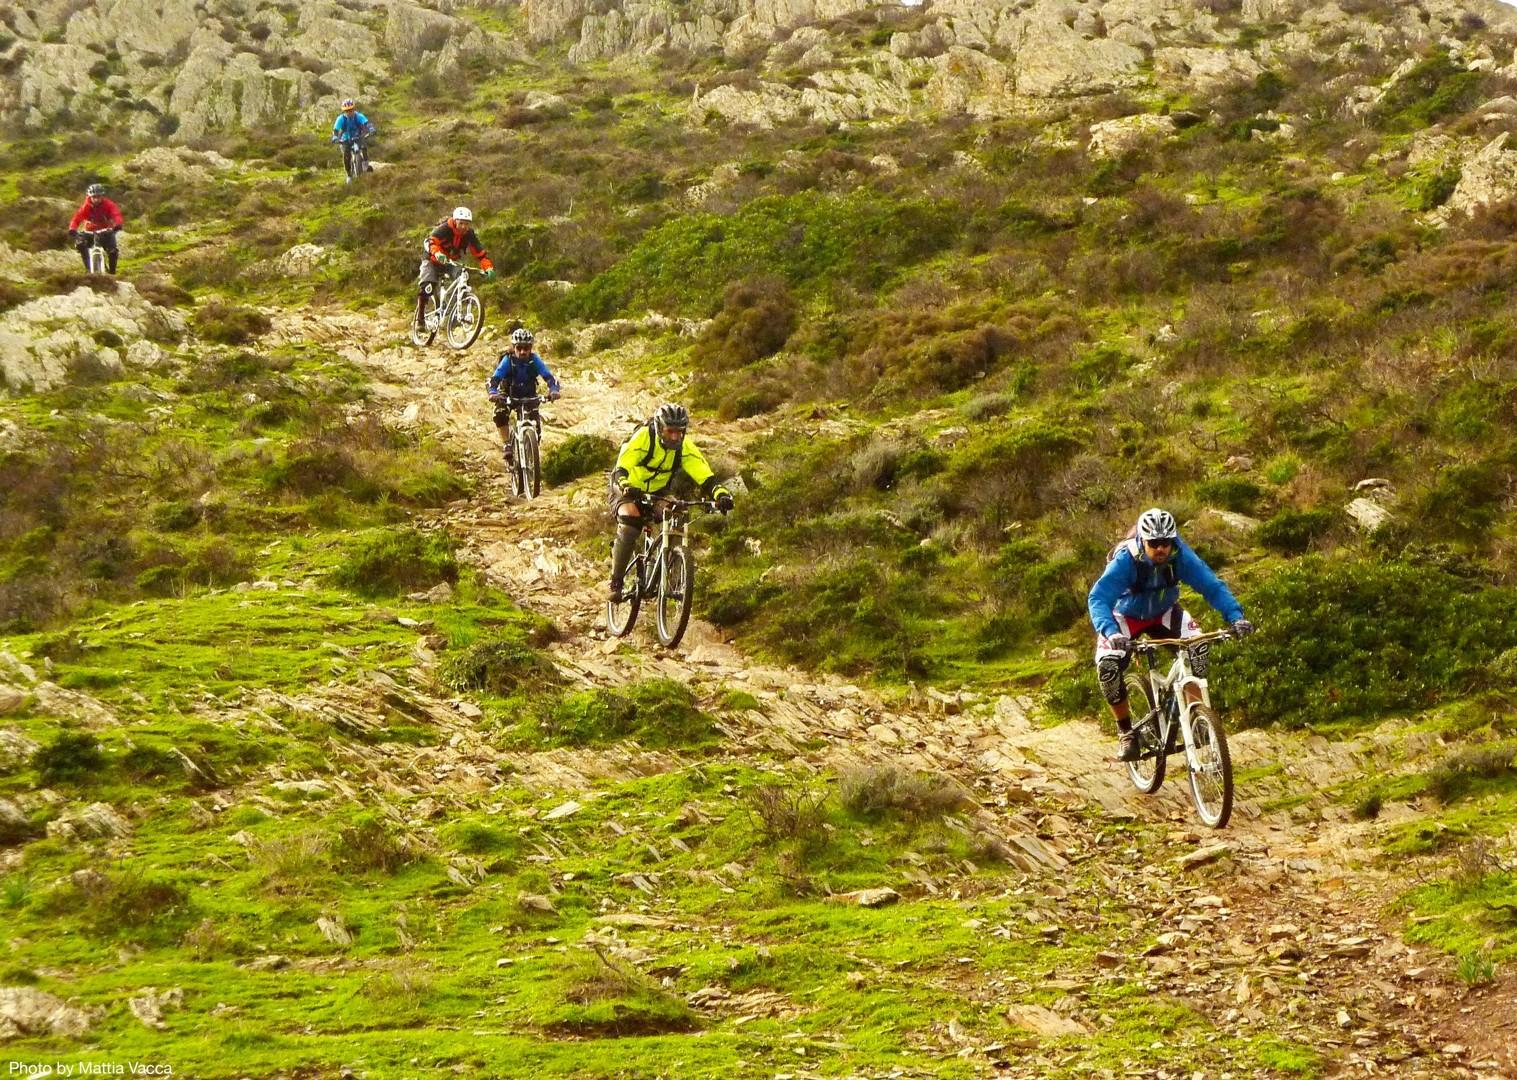 mountain-bike-holiday-enduro-in-italy-sardinia.jpg - Sardinia - Sardinian Enduro - Guided Mountain Bike Holiday - Italia Mountain Biking